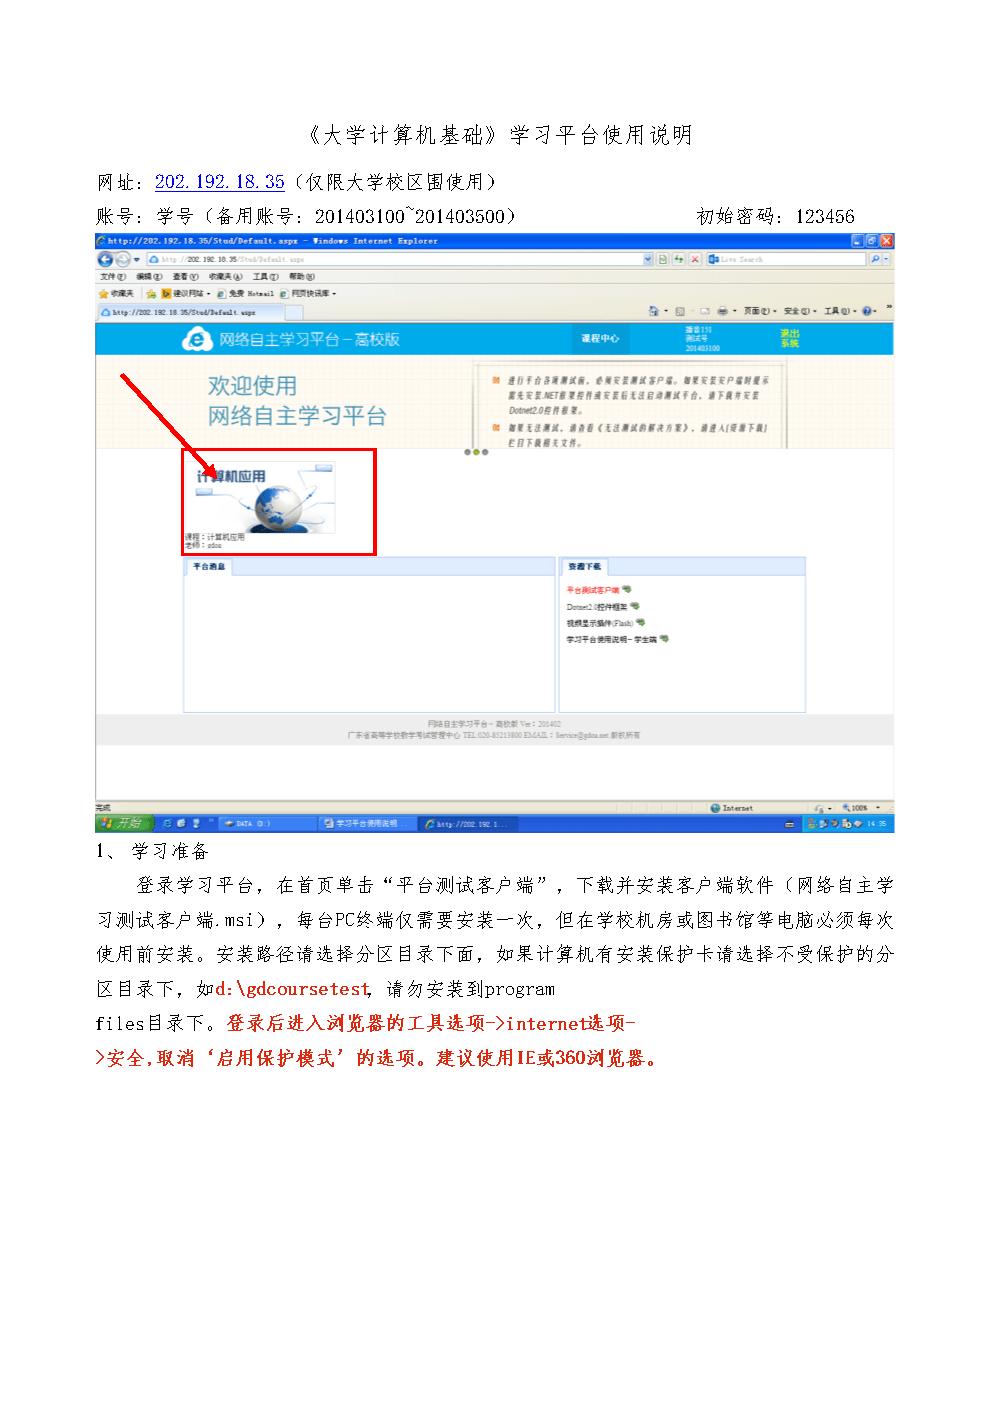 自主学习平台使用说明me.doc